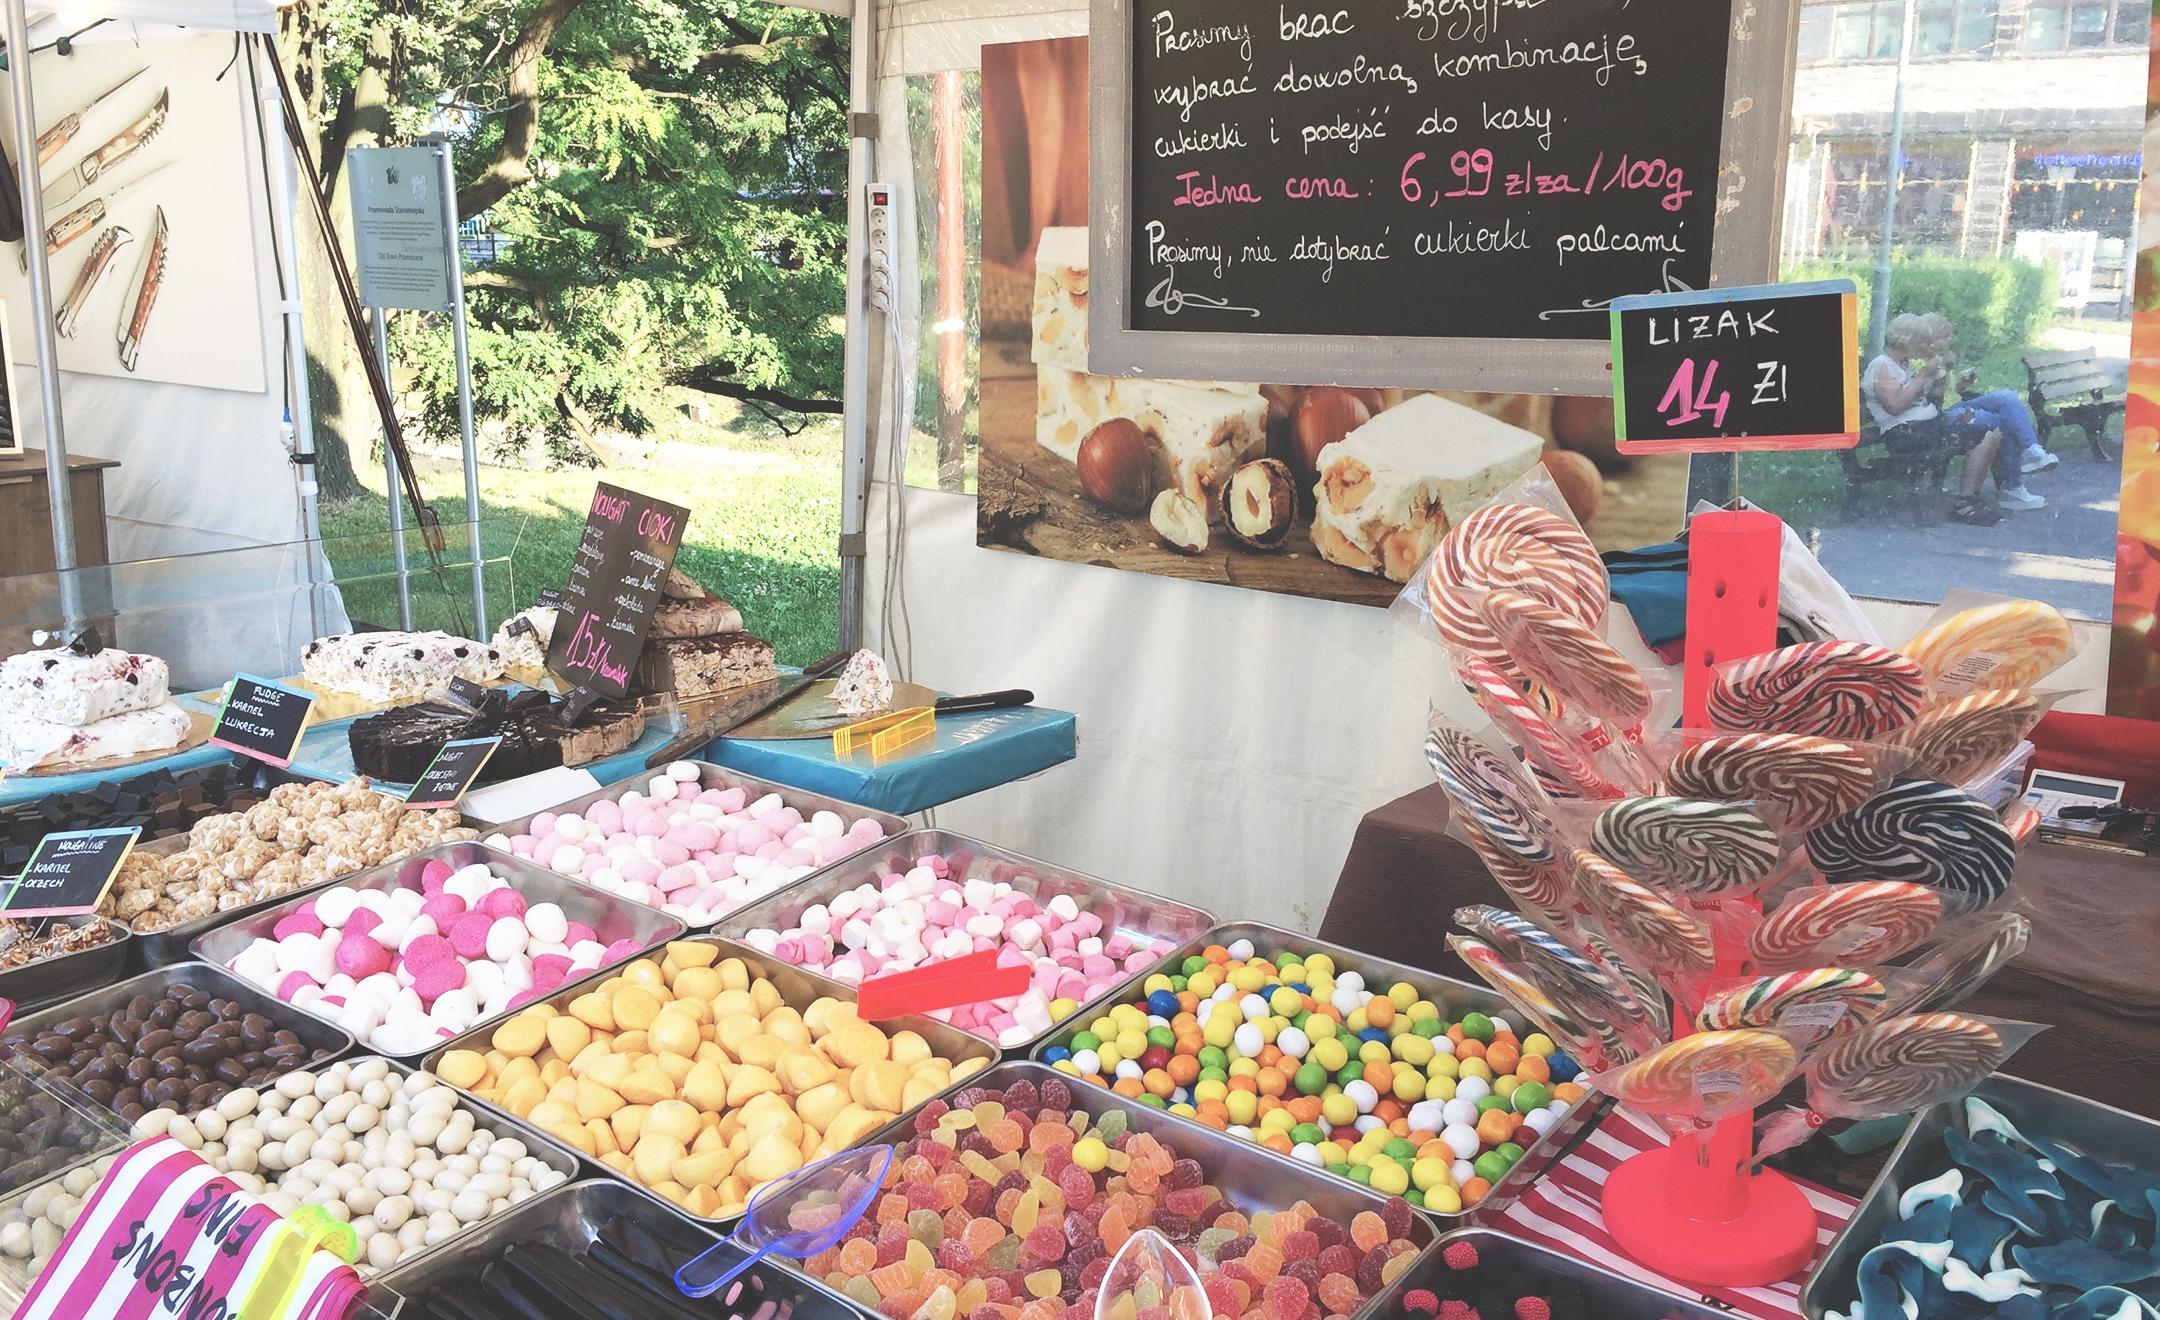 French fair, czyli Bonjour we Wrocławiu!